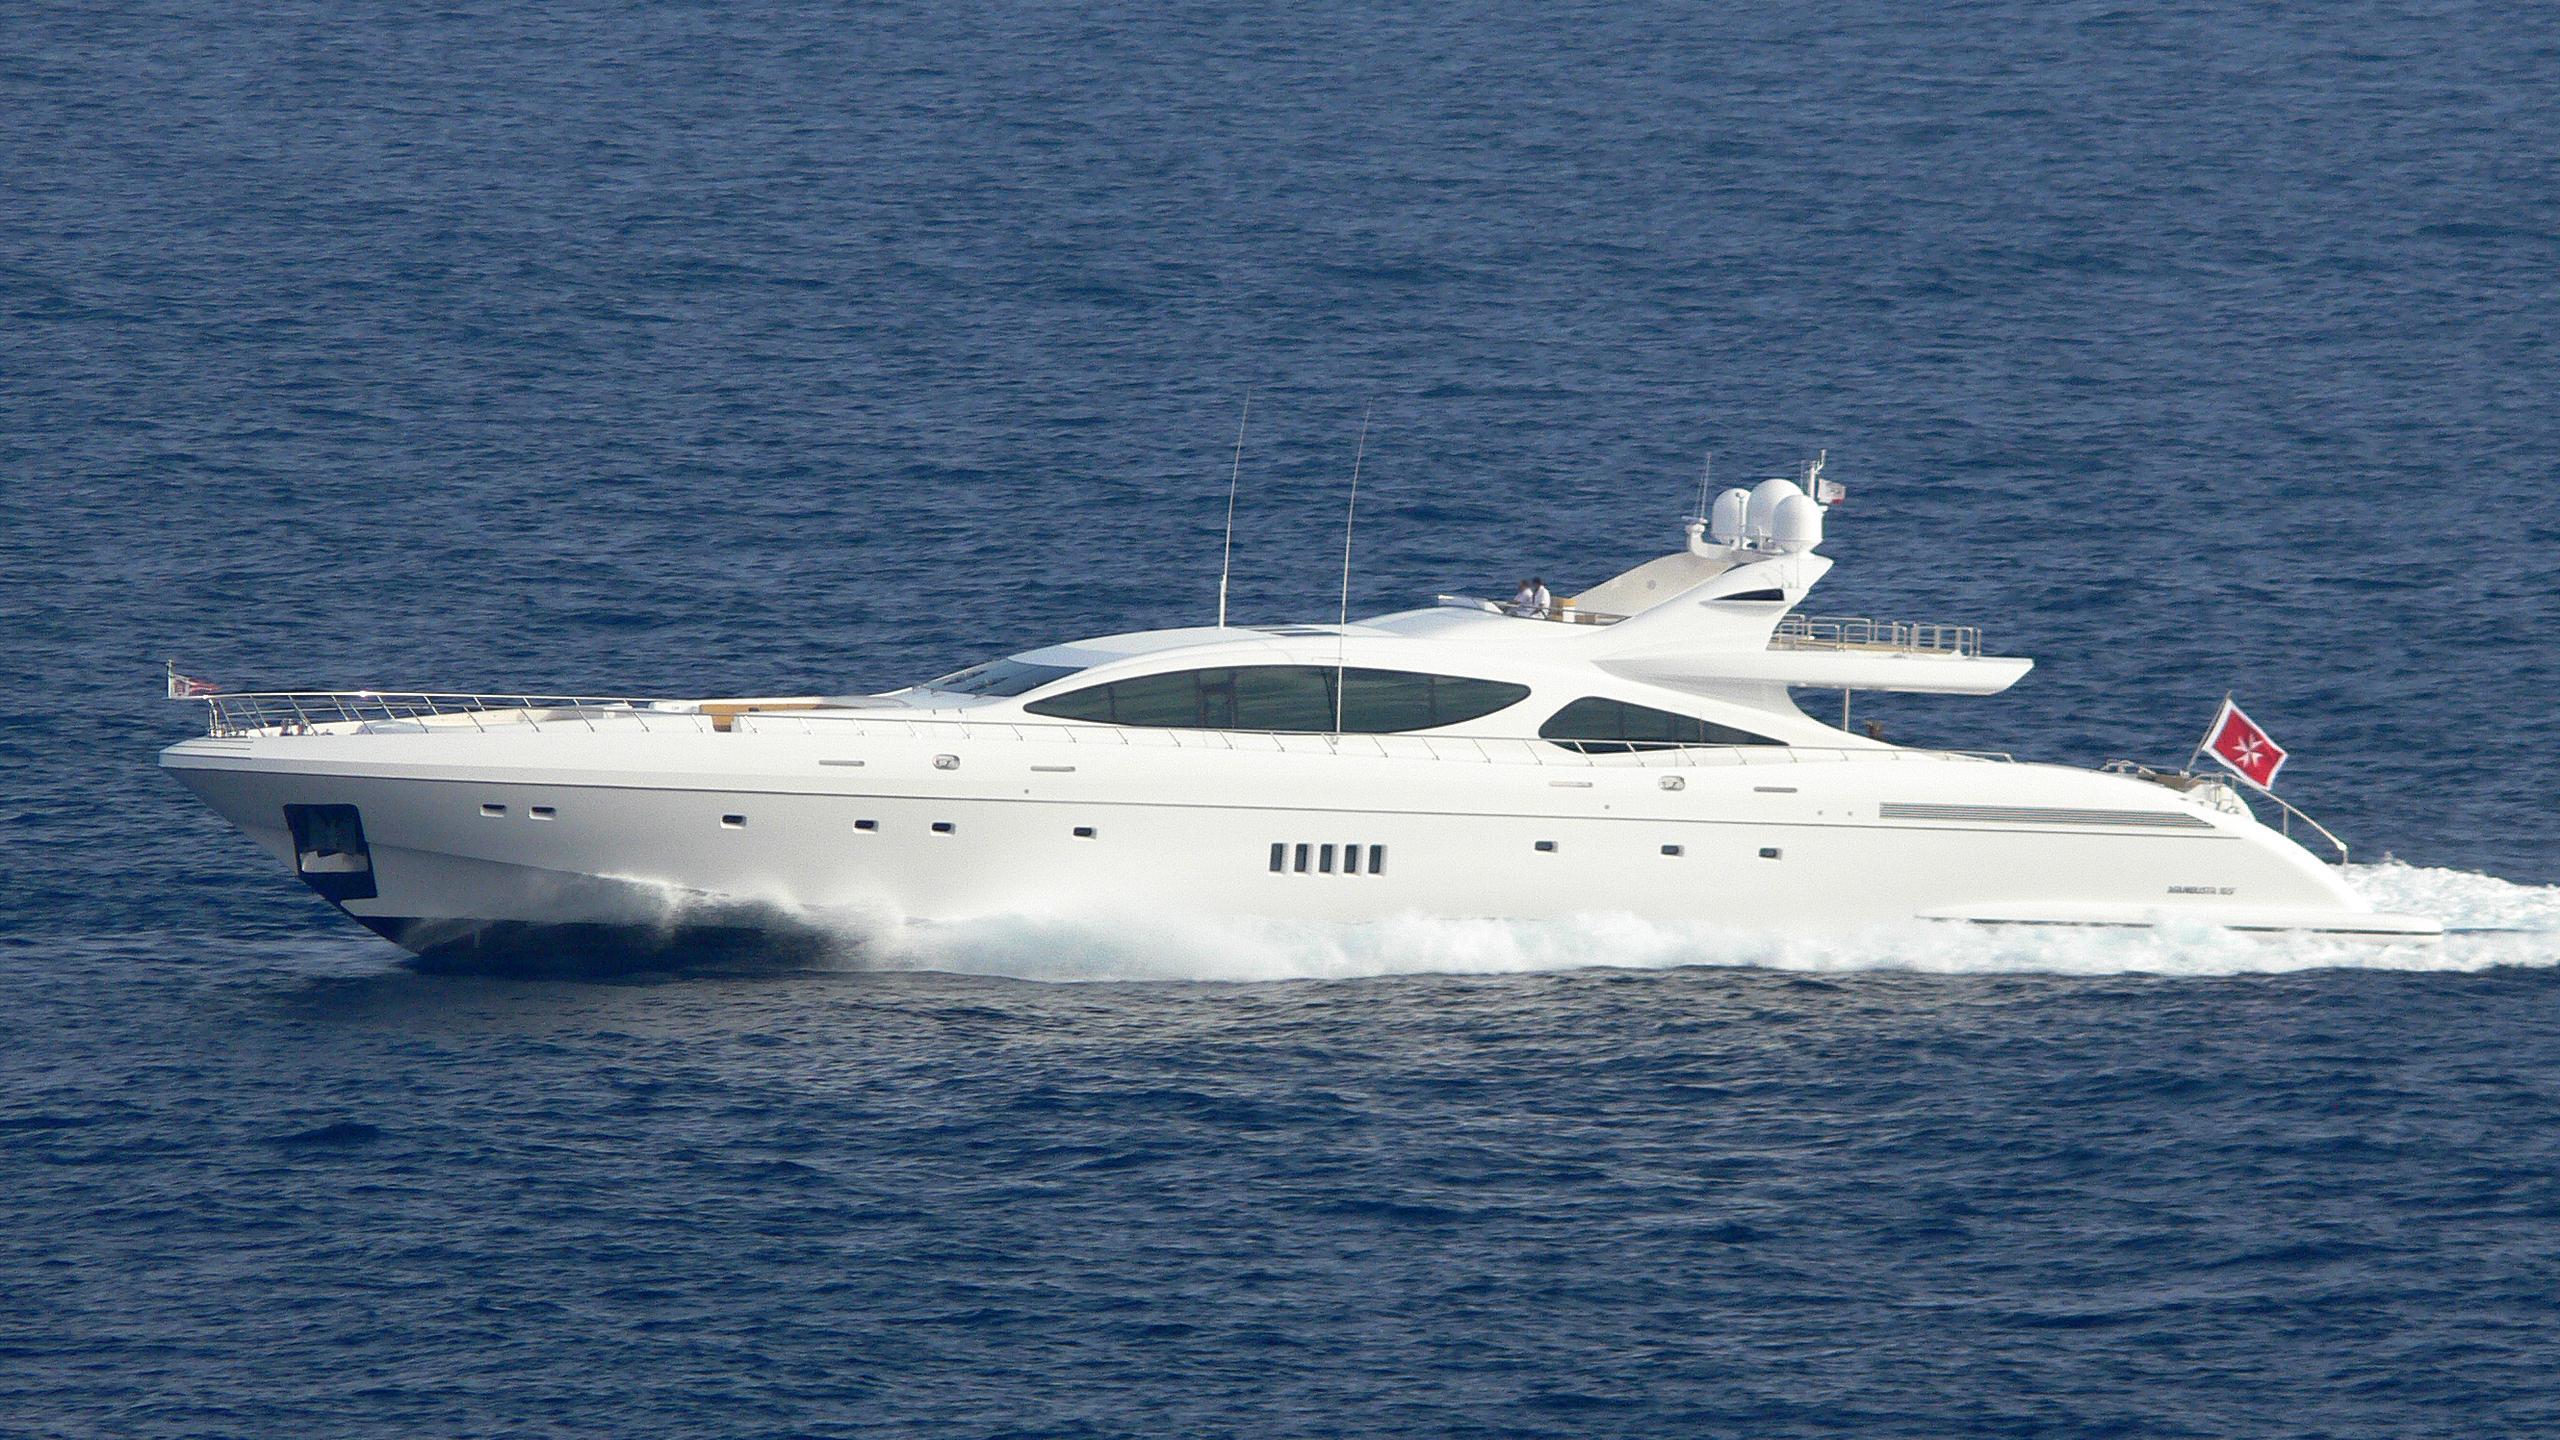 force-india-motor-yacht-overmarine-2007-50m-profile